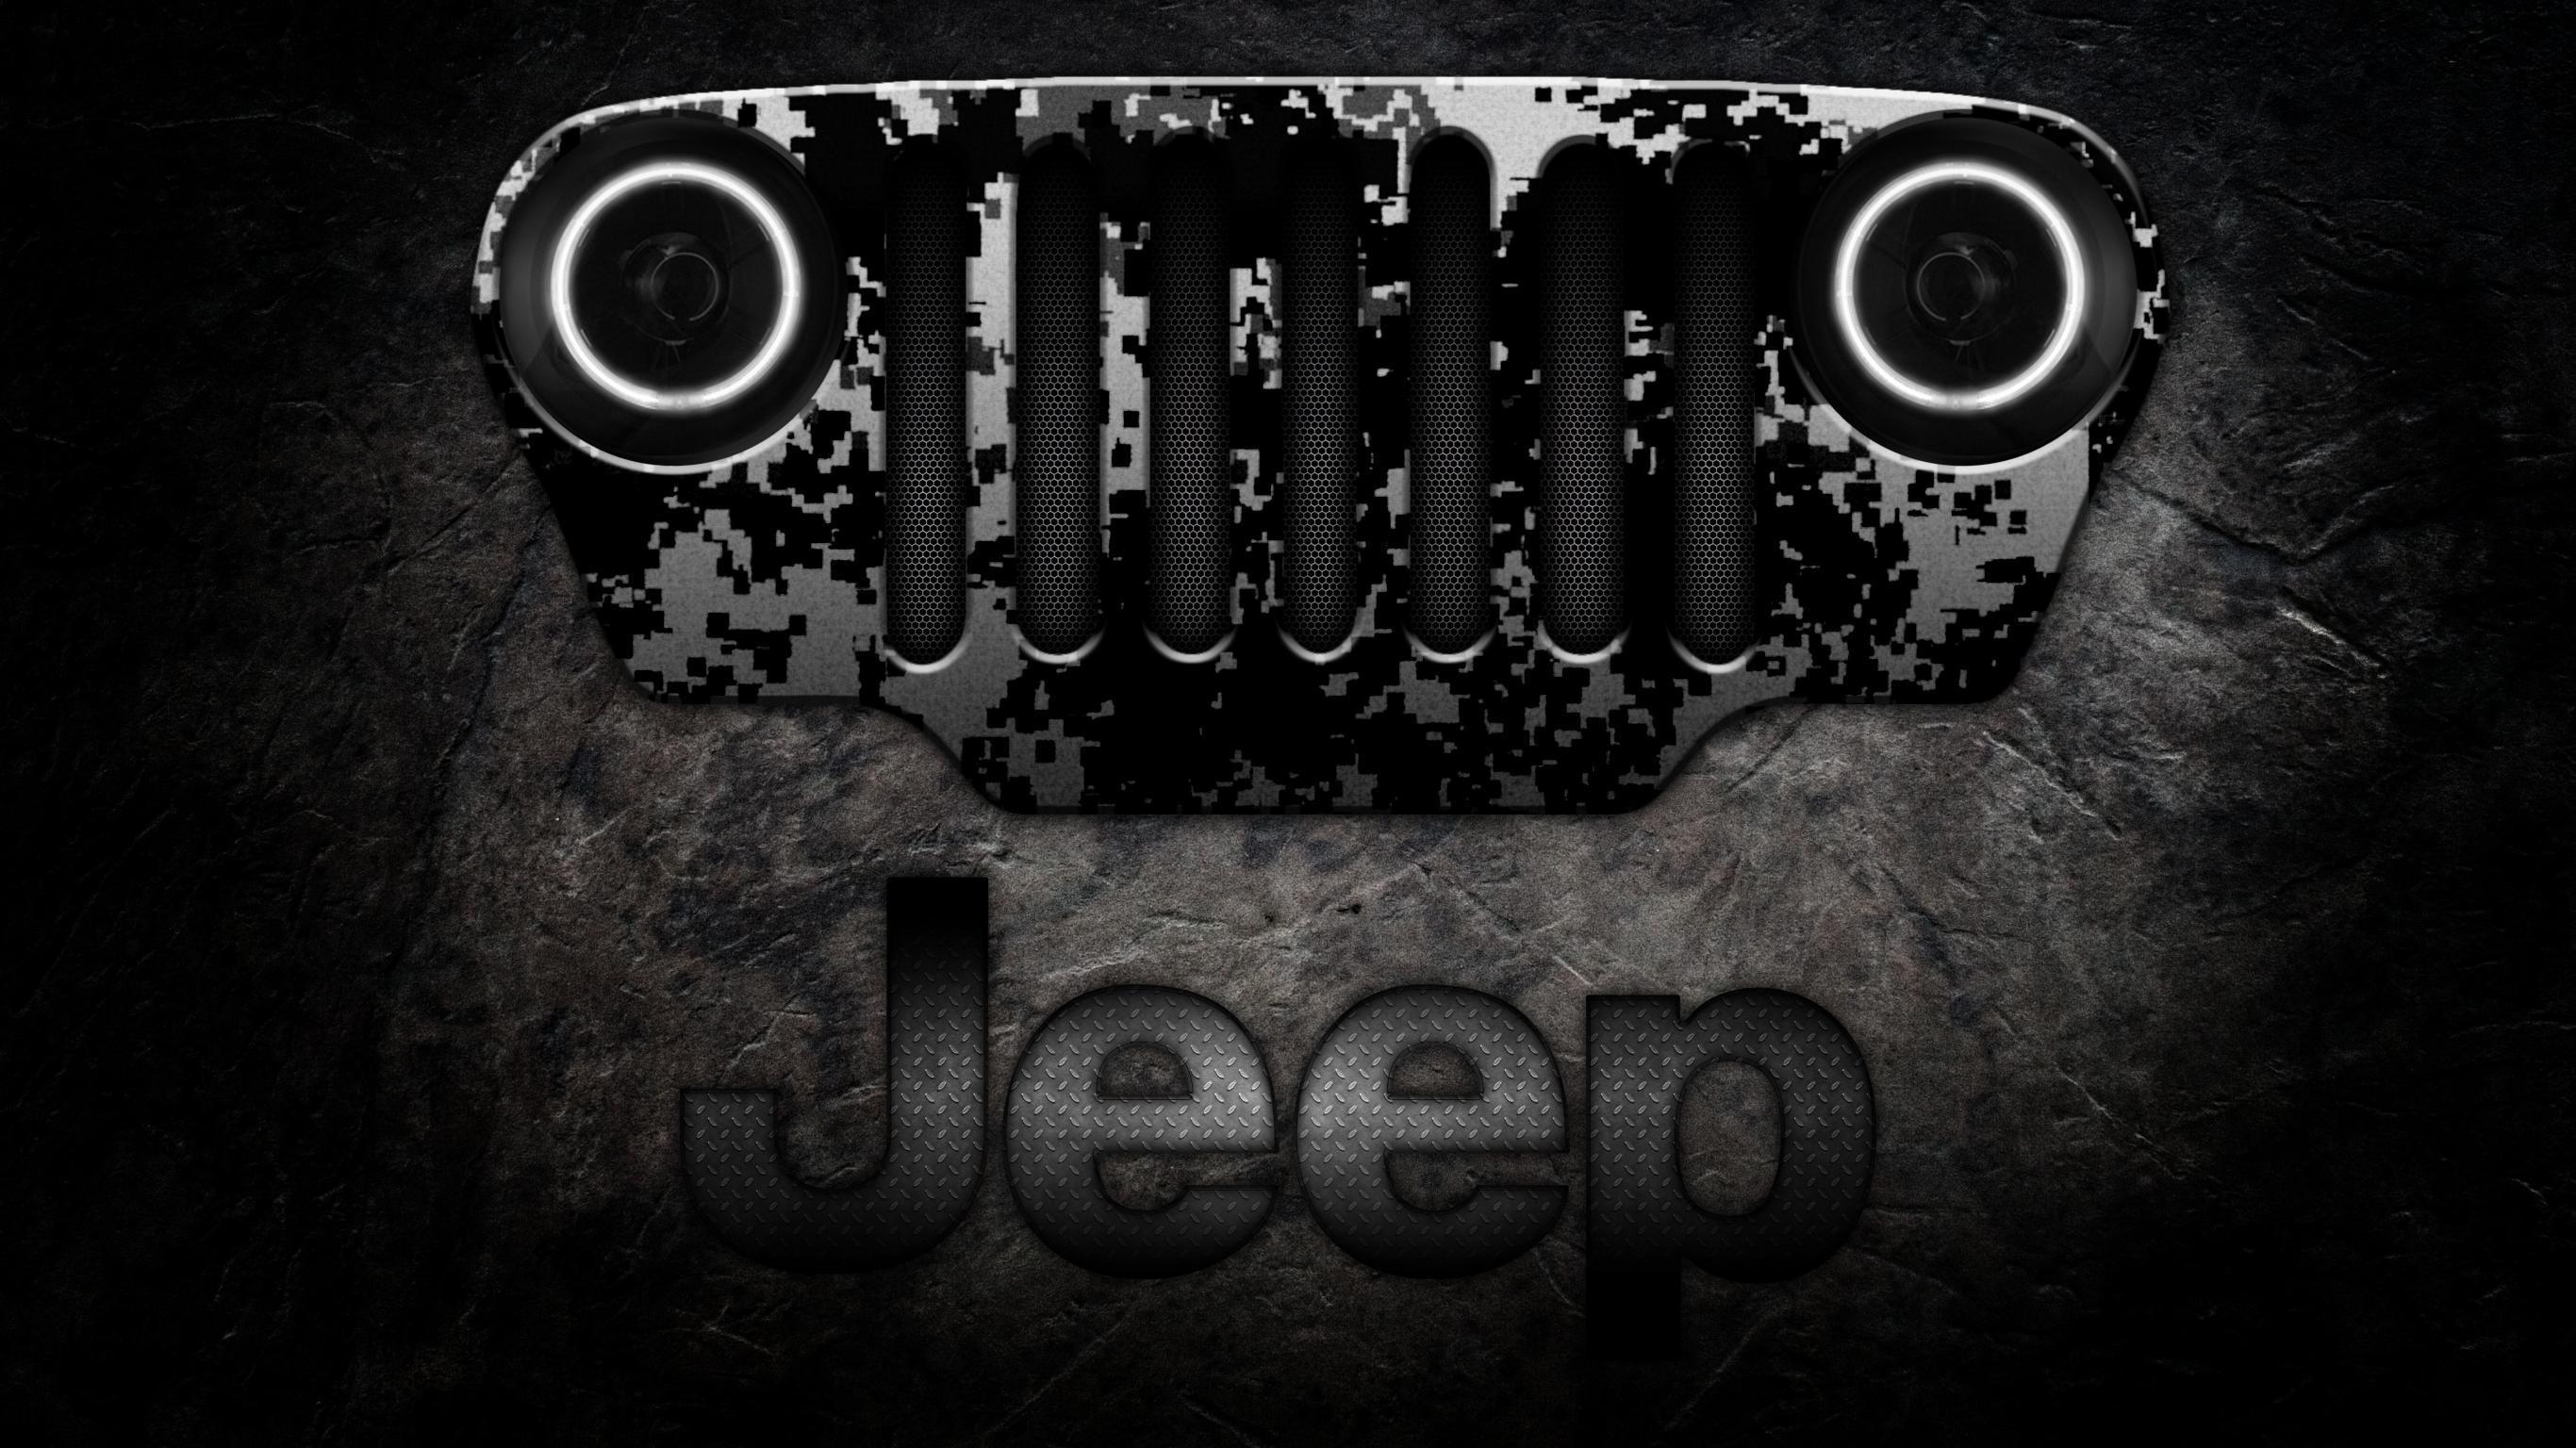 Res: 2732x1536, glock symbol wallpaper hq jeep computer wallpaper